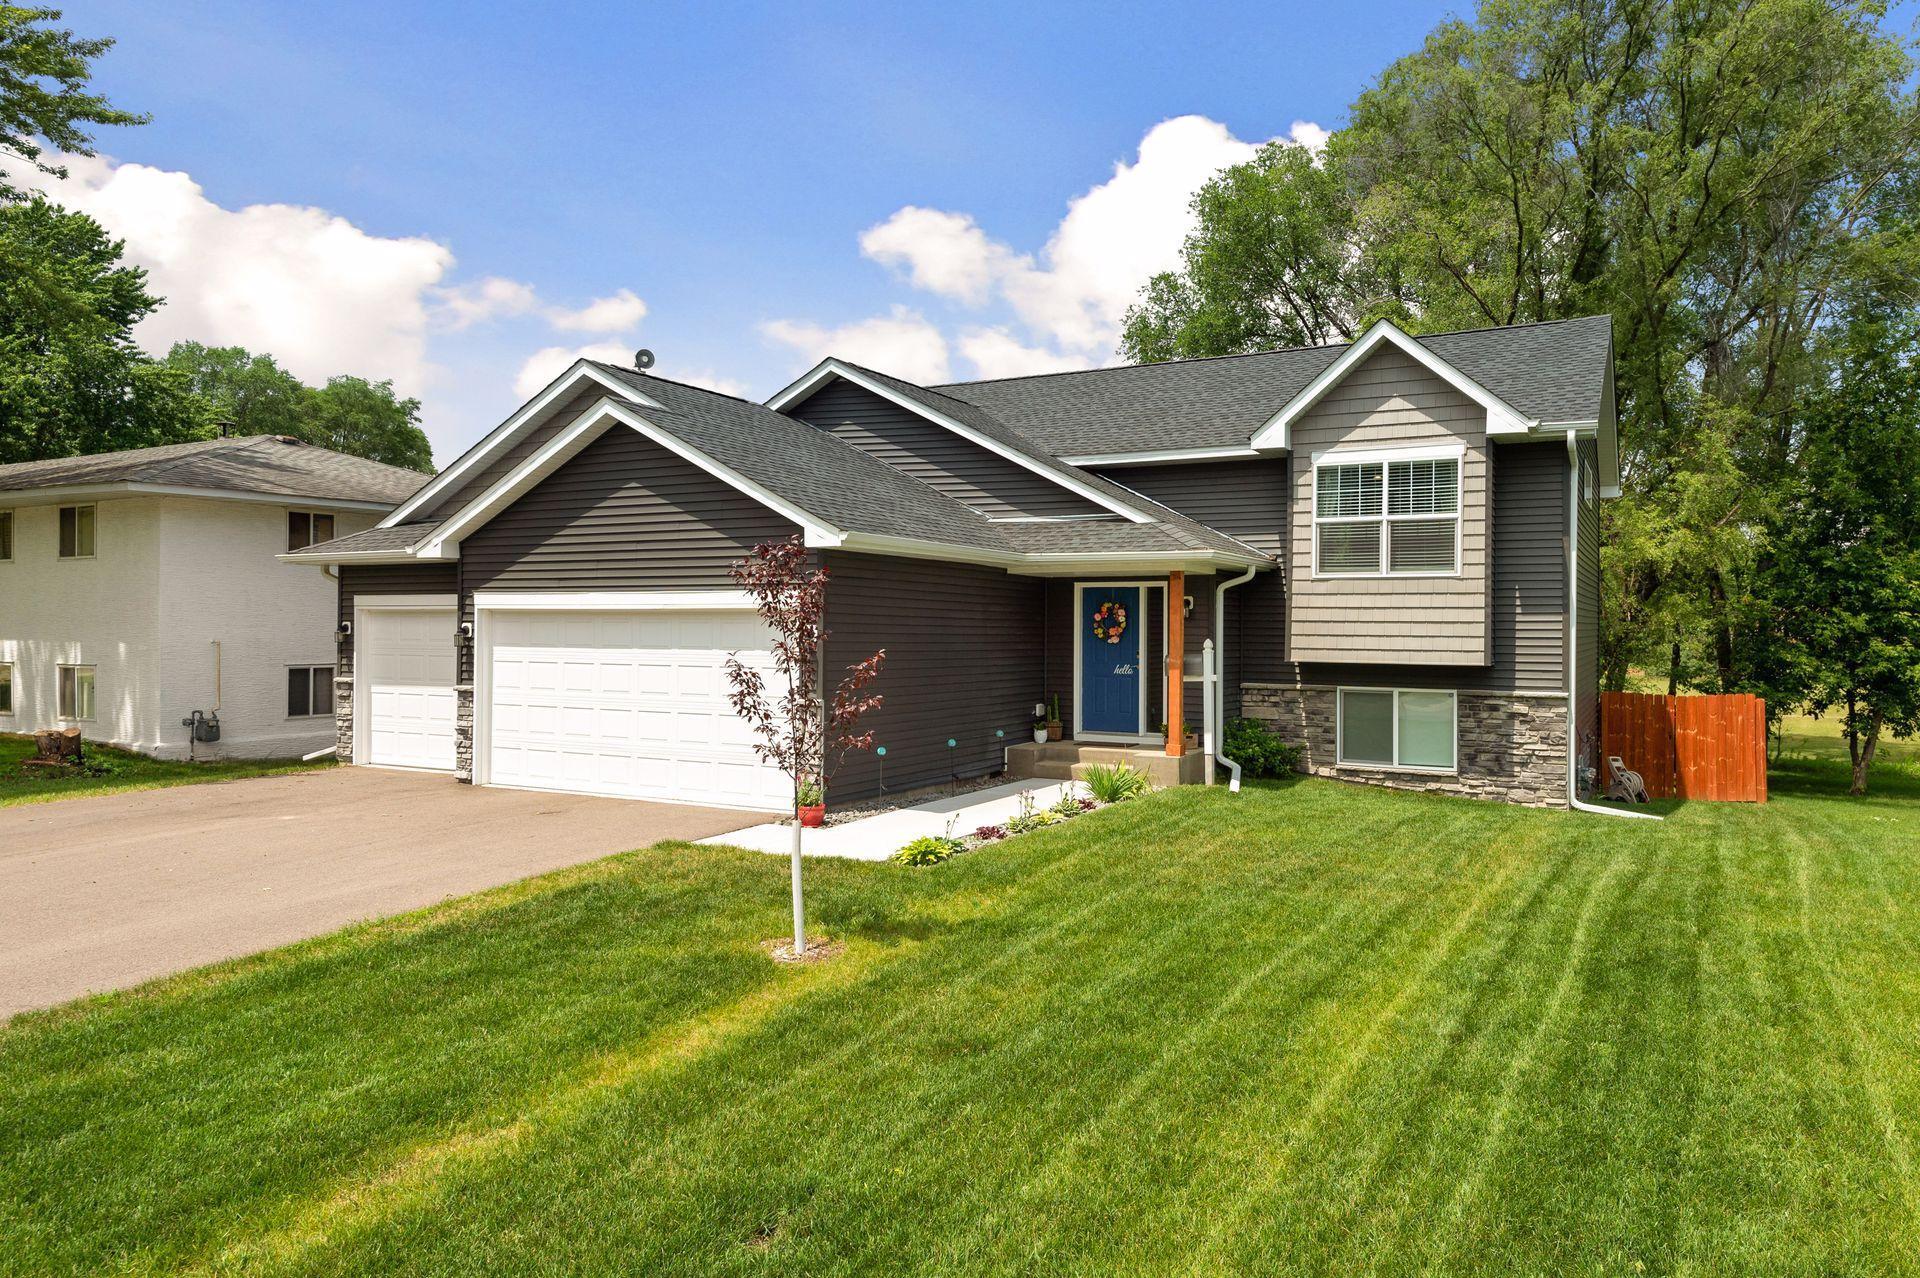 1035 Washington Street Property Photo - Anoka, MN real estate listing